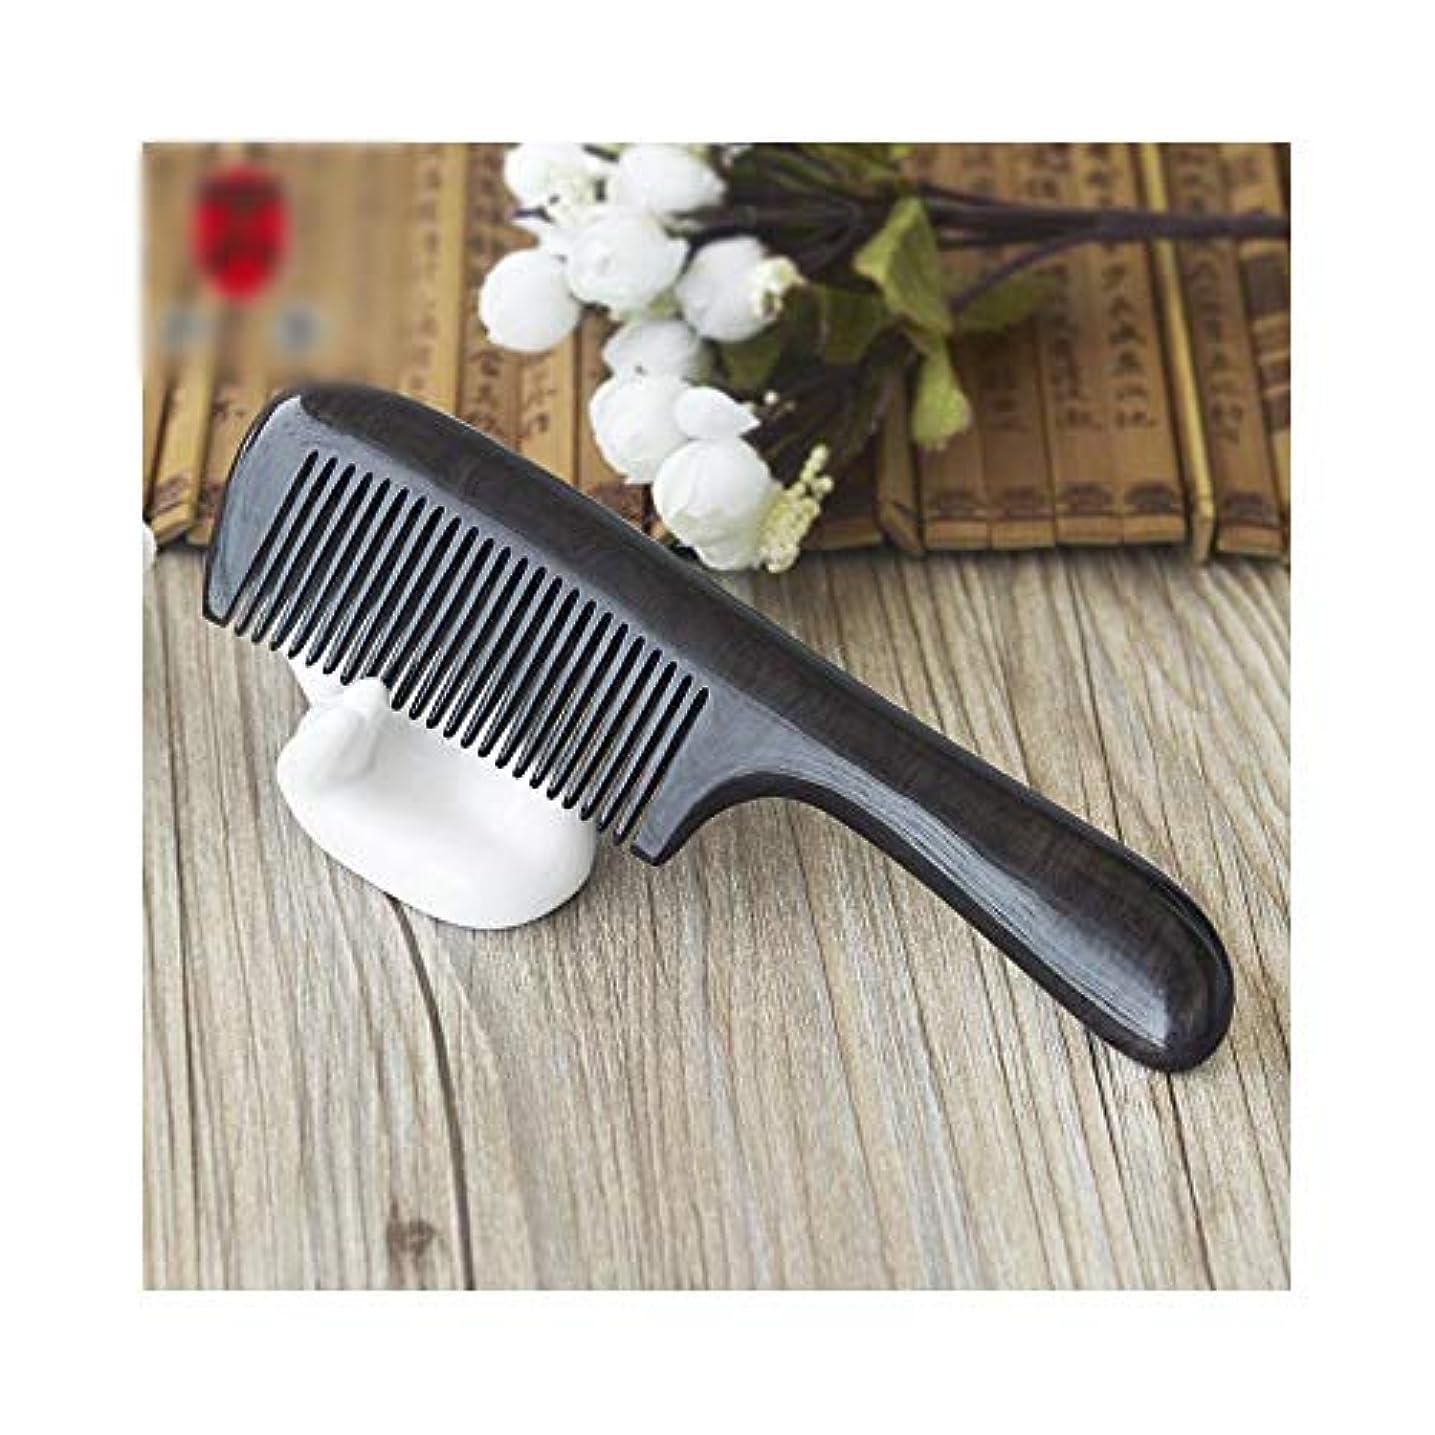 押す防水倒産WASAIO ウッドクラフトブラックサンダルウッド櫛、かゆみ頭皮を緩和するのに役立ちます、帯電防止櫛女性ウェットドライカーリーストレートヘアブラシブラシ手作り木製 (色 : 1283)